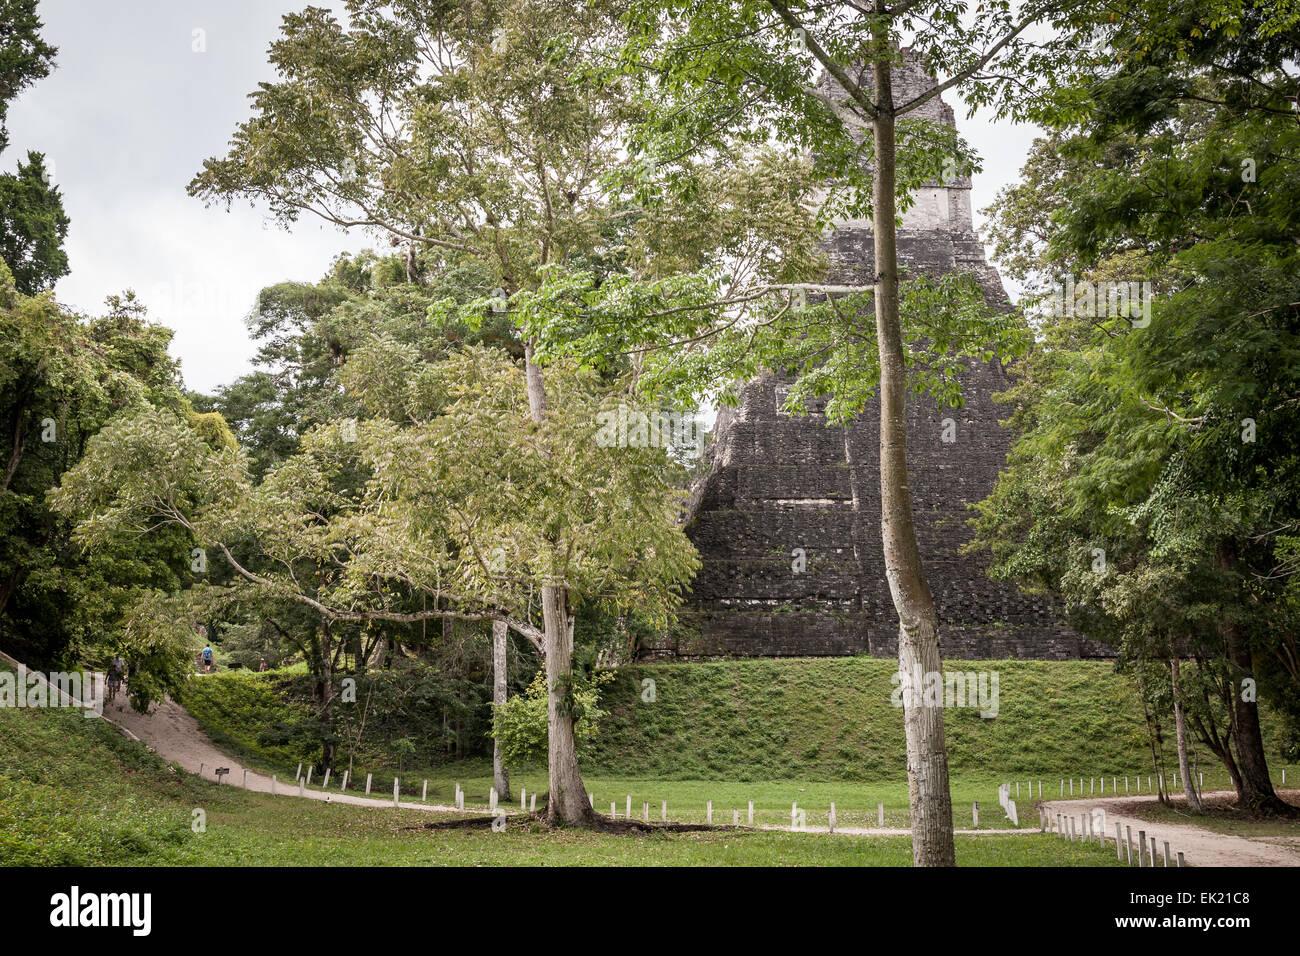 Vew of back of Jaguar Temple,Tikal, Guatemala - Stock Image